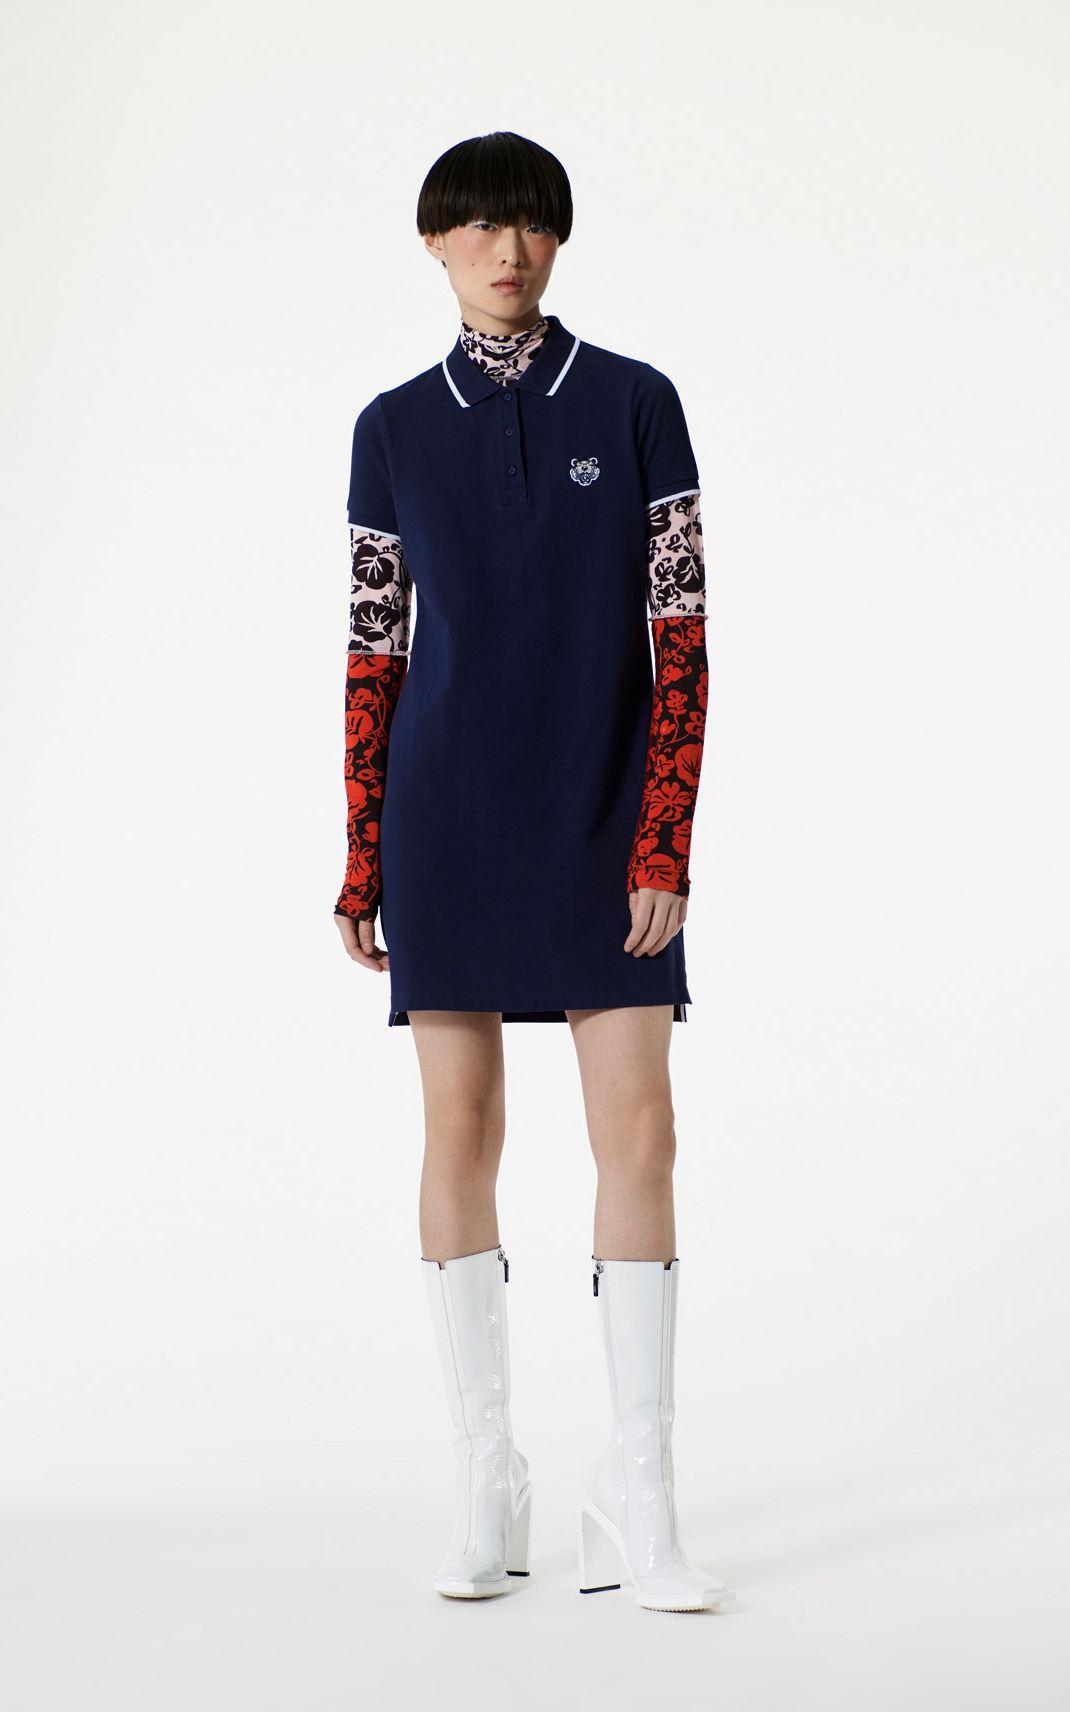 Notre sélection de vêtements pour supporter les bleus - Reformation Bleu,  blanc, rouge... Notre sélection de vêtements pour supporter les bleus - Miu  Miu ... 97761b954592